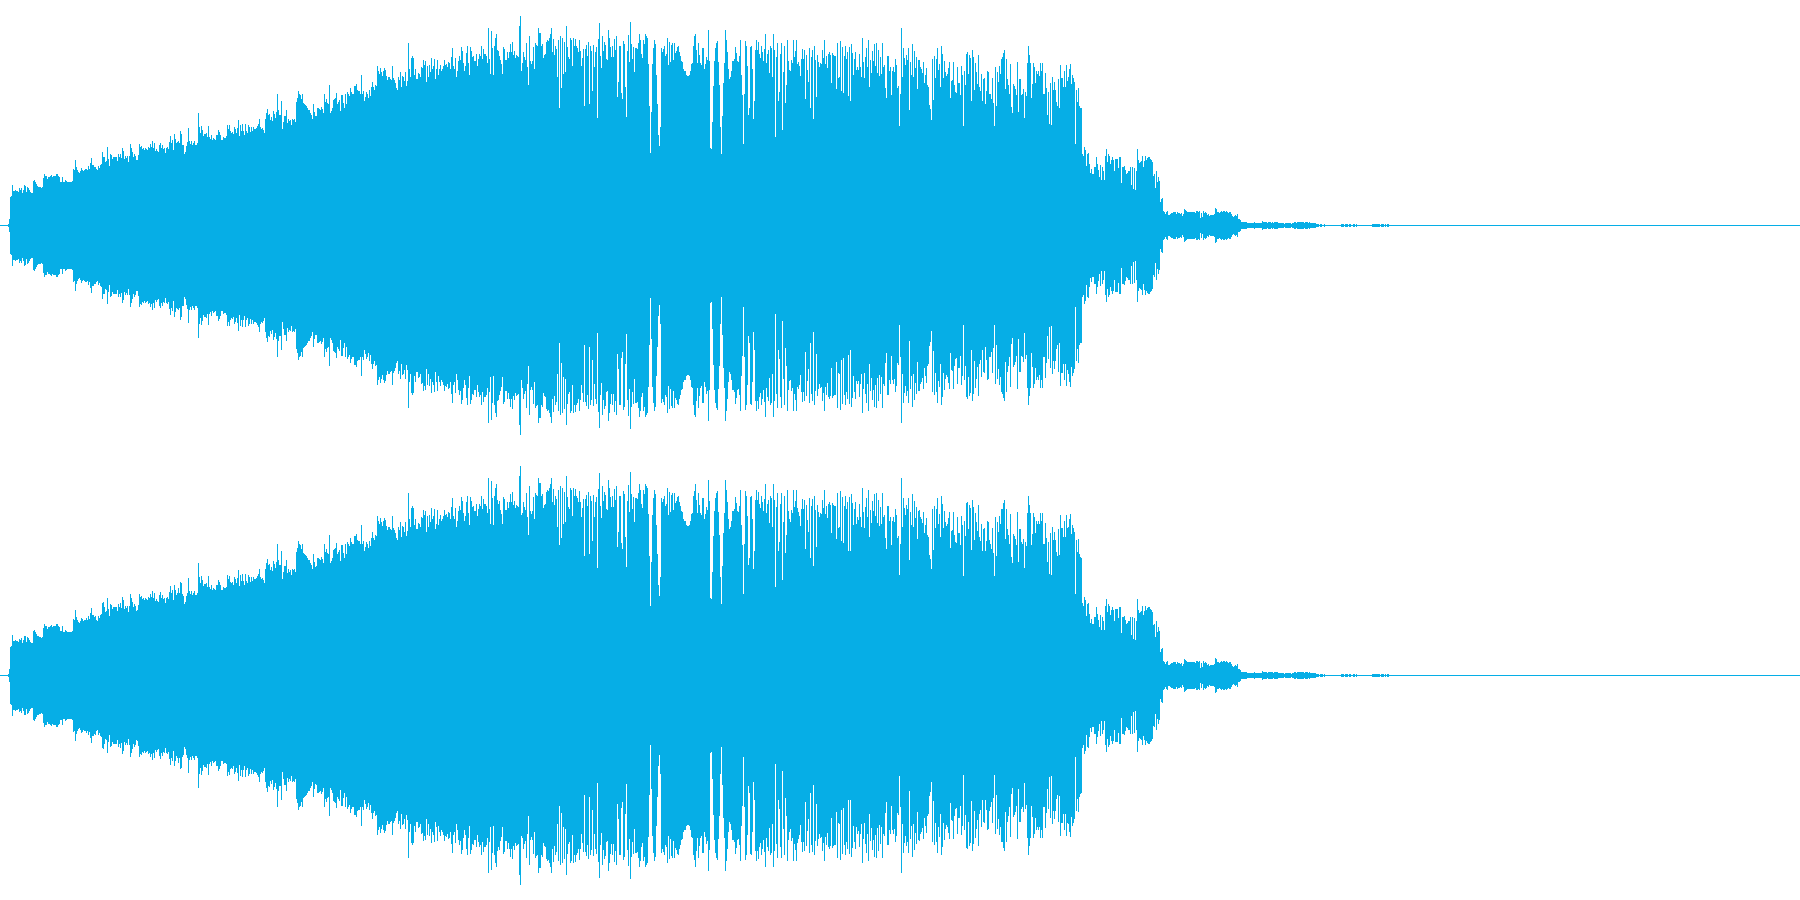 ファンタジック飛行 ピロロロの再生済みの波形